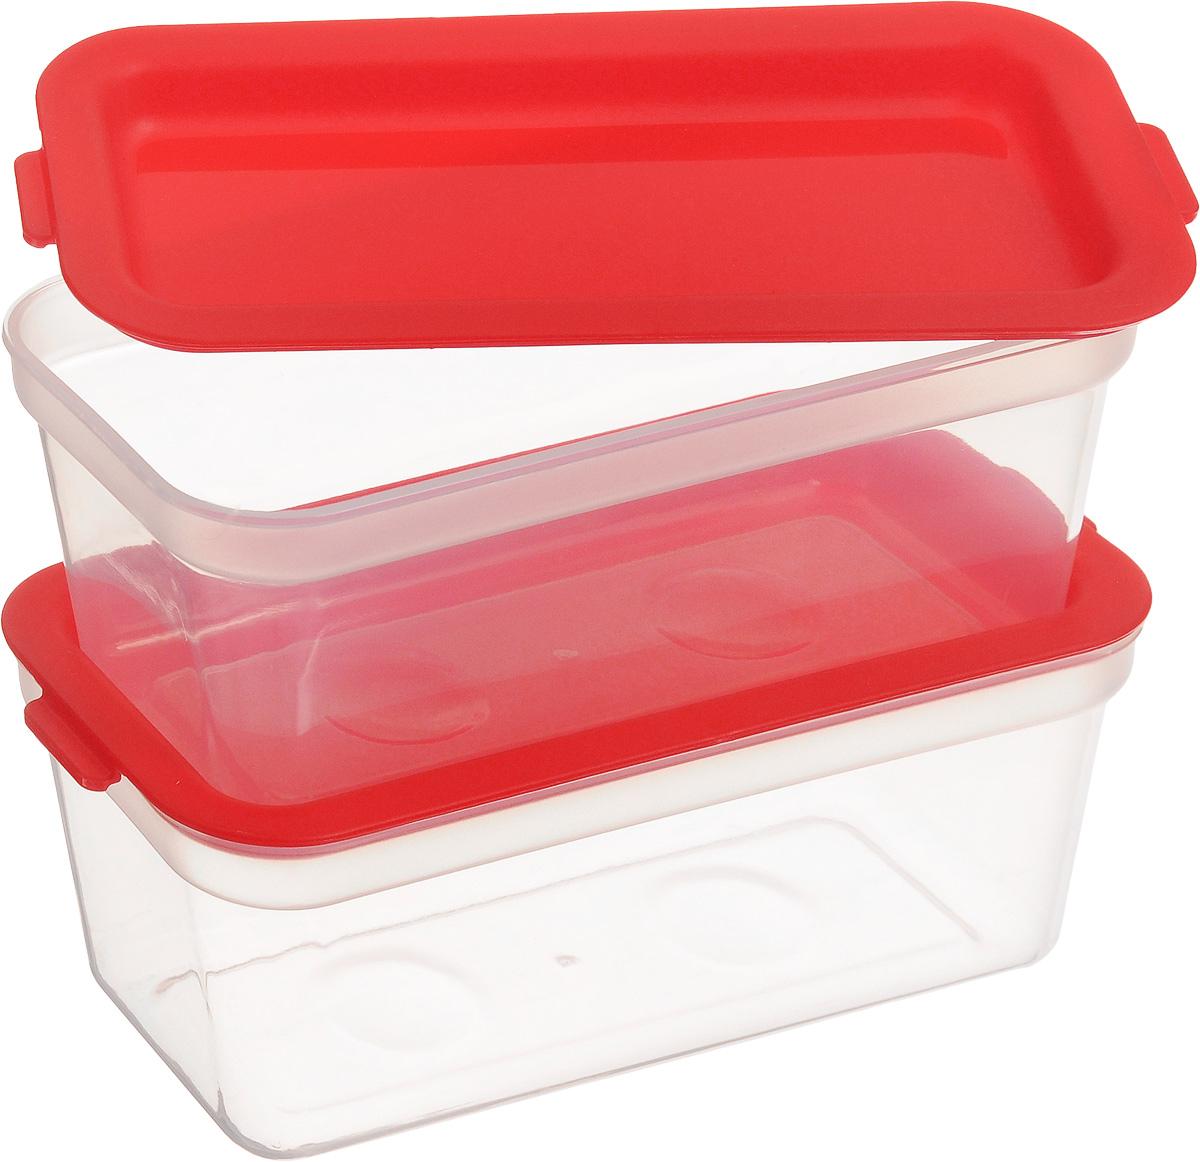 """Набор Tescoma """"Purity"""", выполненный из высококачественного пищевого прозрачного пластика, состоит из двух контейнеров. Изделия предназначены для хранения и транспортировки пищи. Крышки легко открываются и плотно закрываются с помощью легкого щелчка. Контейнеры удобно складываются друг в друга, что экономит пространство при хранении в шкафу.   Подходят для заморозки и для использования в микроволновой печи без крышки. Можно мыть в посудомоечной машине.     Объем контейнера: 300 мл. Размеры: 13,5 х 6,5 х 6 см."""